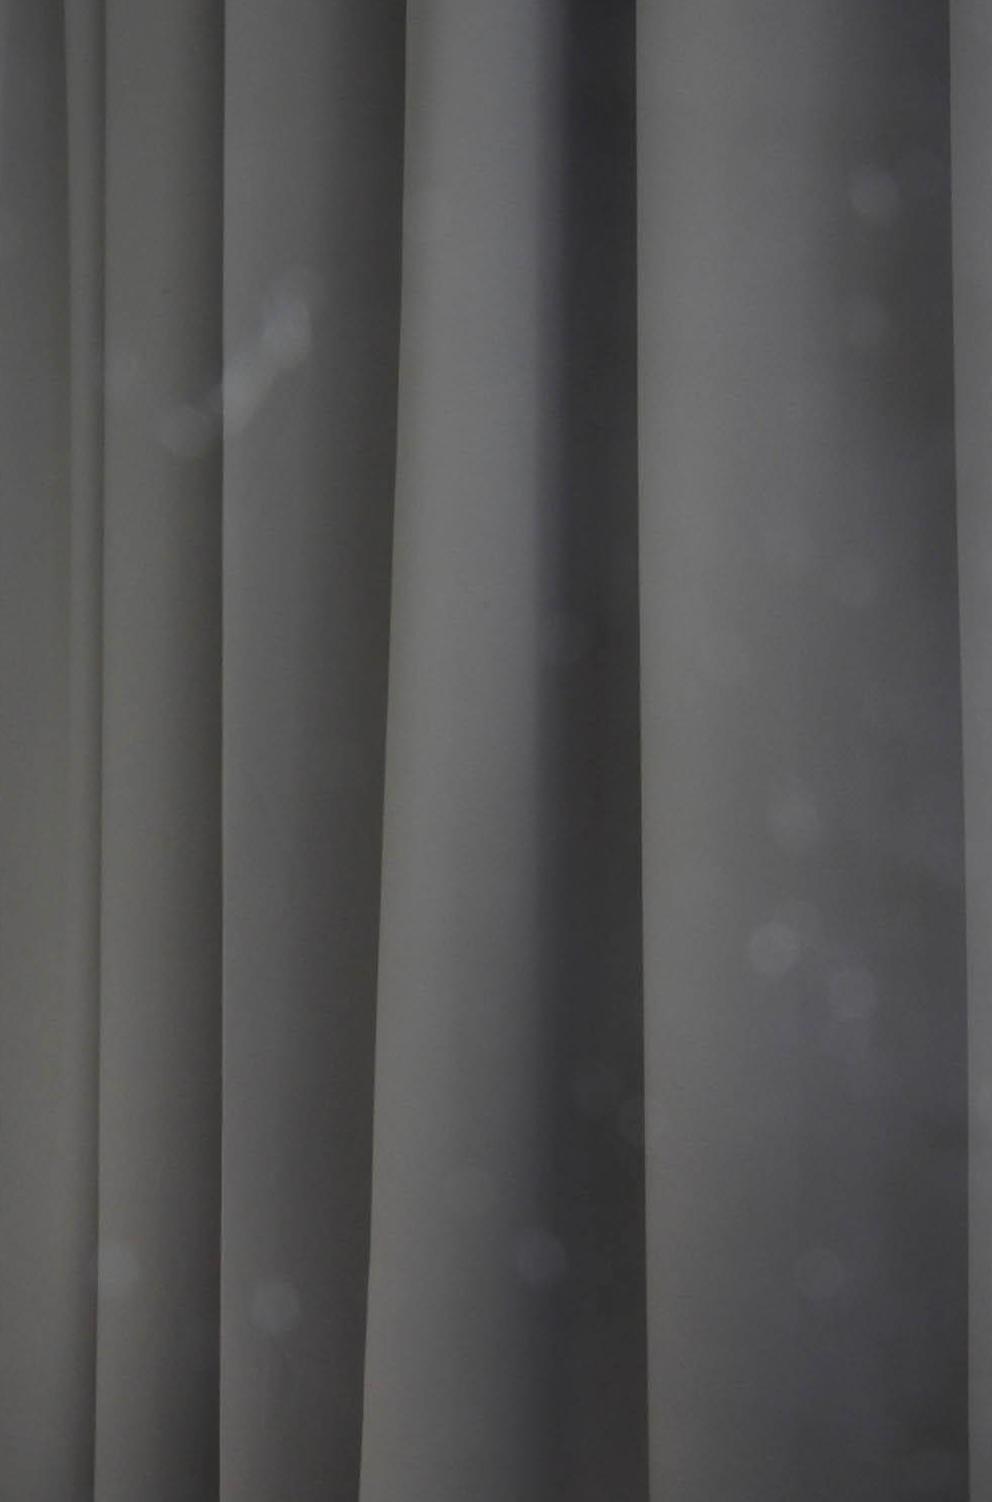 Mimou Mørkleggende Hotellgardin 290x250 cm, Grå